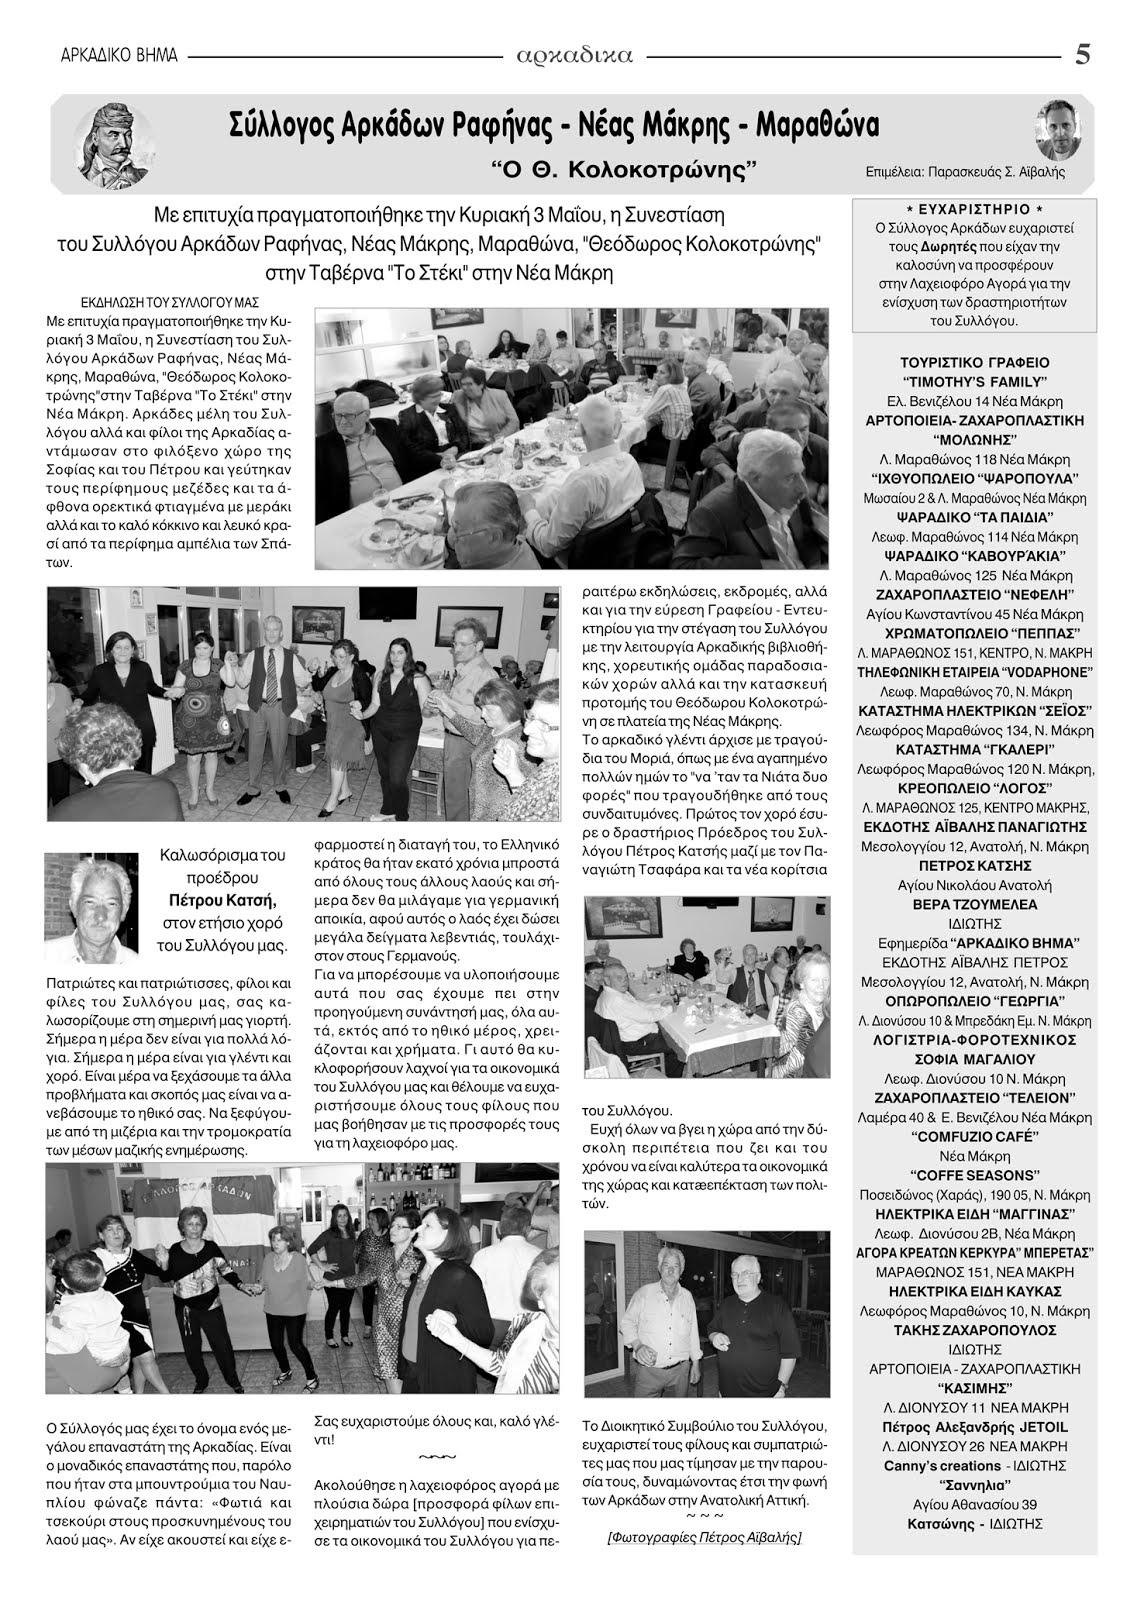 """Οι δραστηριότητες του Συλλόγου Αρκάδων Ραφήνας, Νέας Μάκρης Μαραθώνα """"Θ. Κολοκοτρώνης"""""""